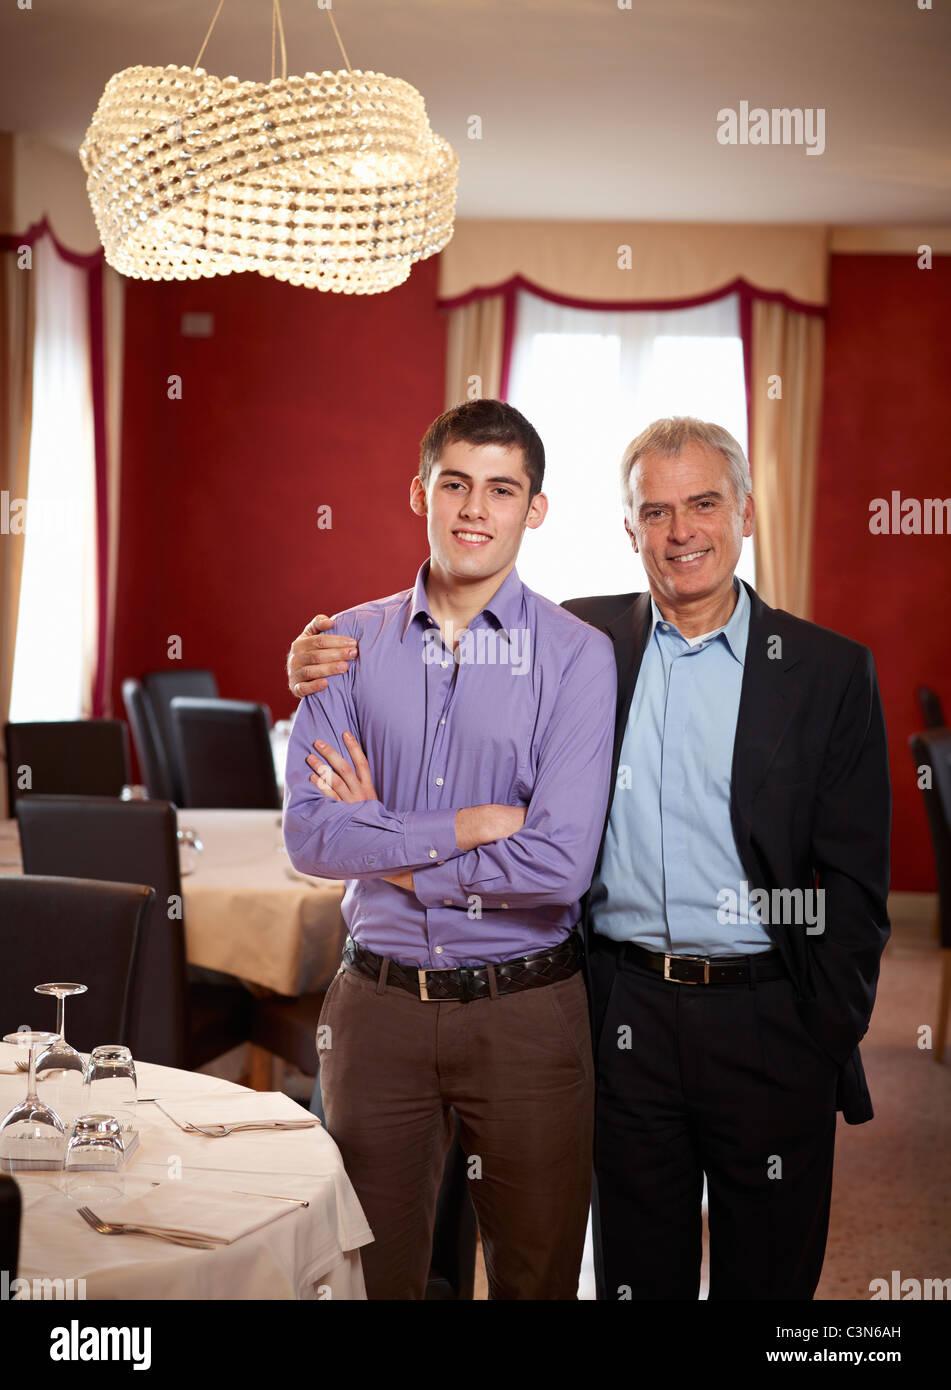 Vater und Sohn teilen einen intimen Moment in der Familie restaurent Stockbild